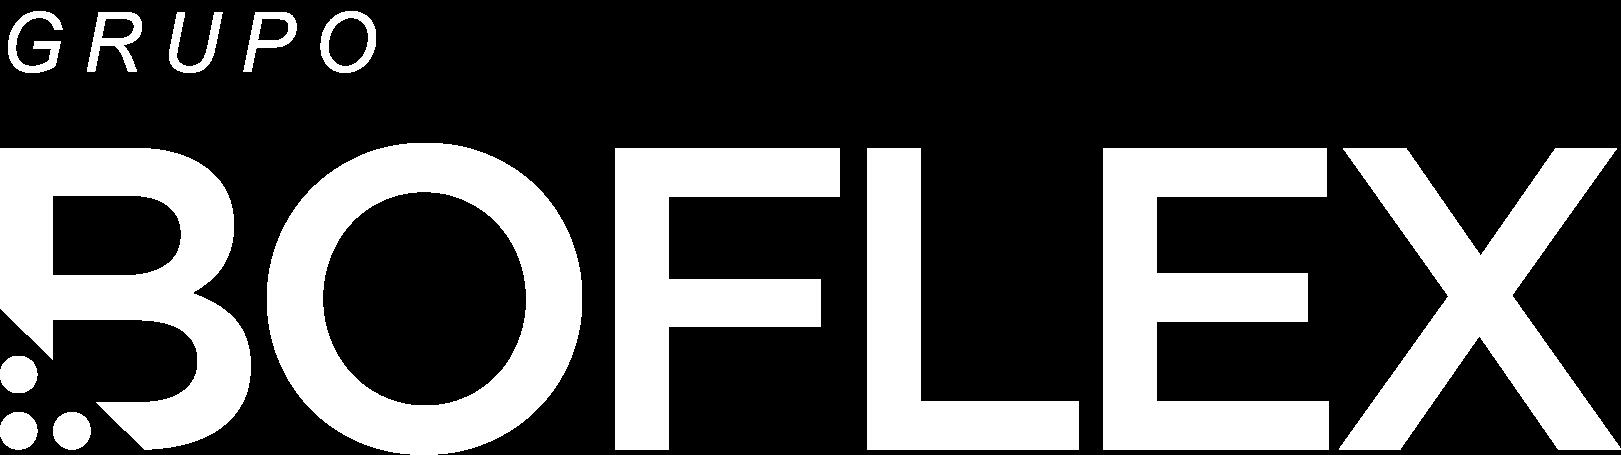 BOFLEX – Componentes Eléctricos, Lda